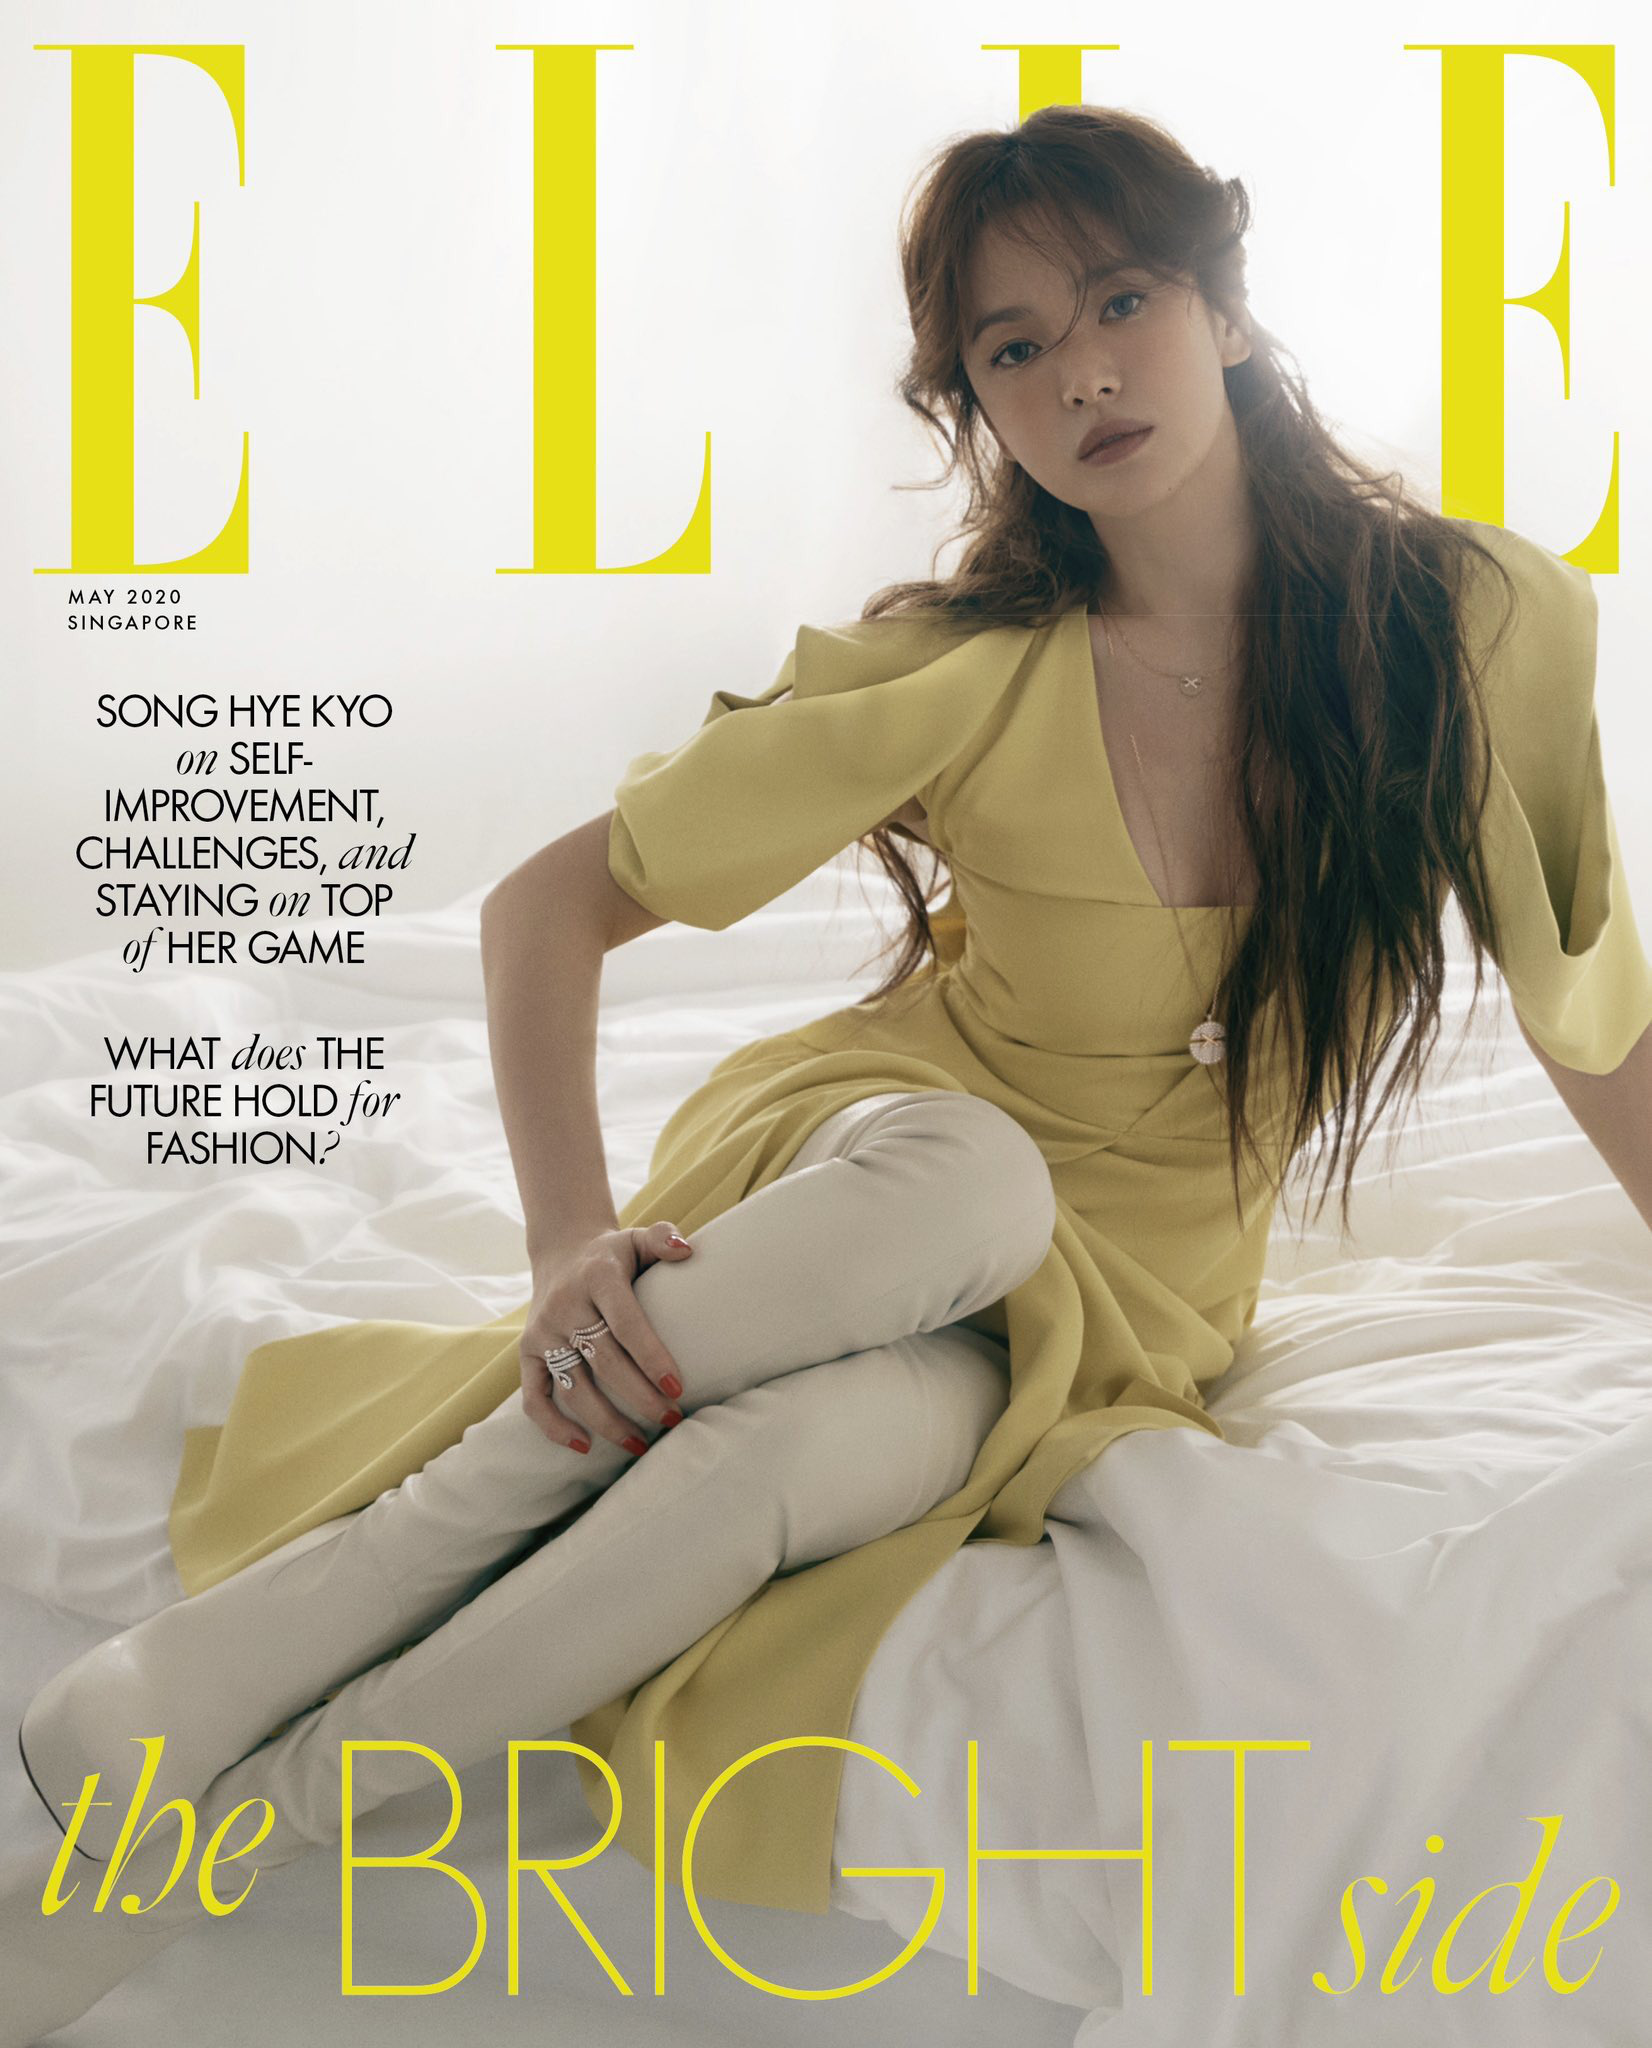 Hé lộ hình ảnh mới nhất của Song Hye Kyo, ai bảo tường thành nhan sắc của Kbiz đã sụp đổ-1